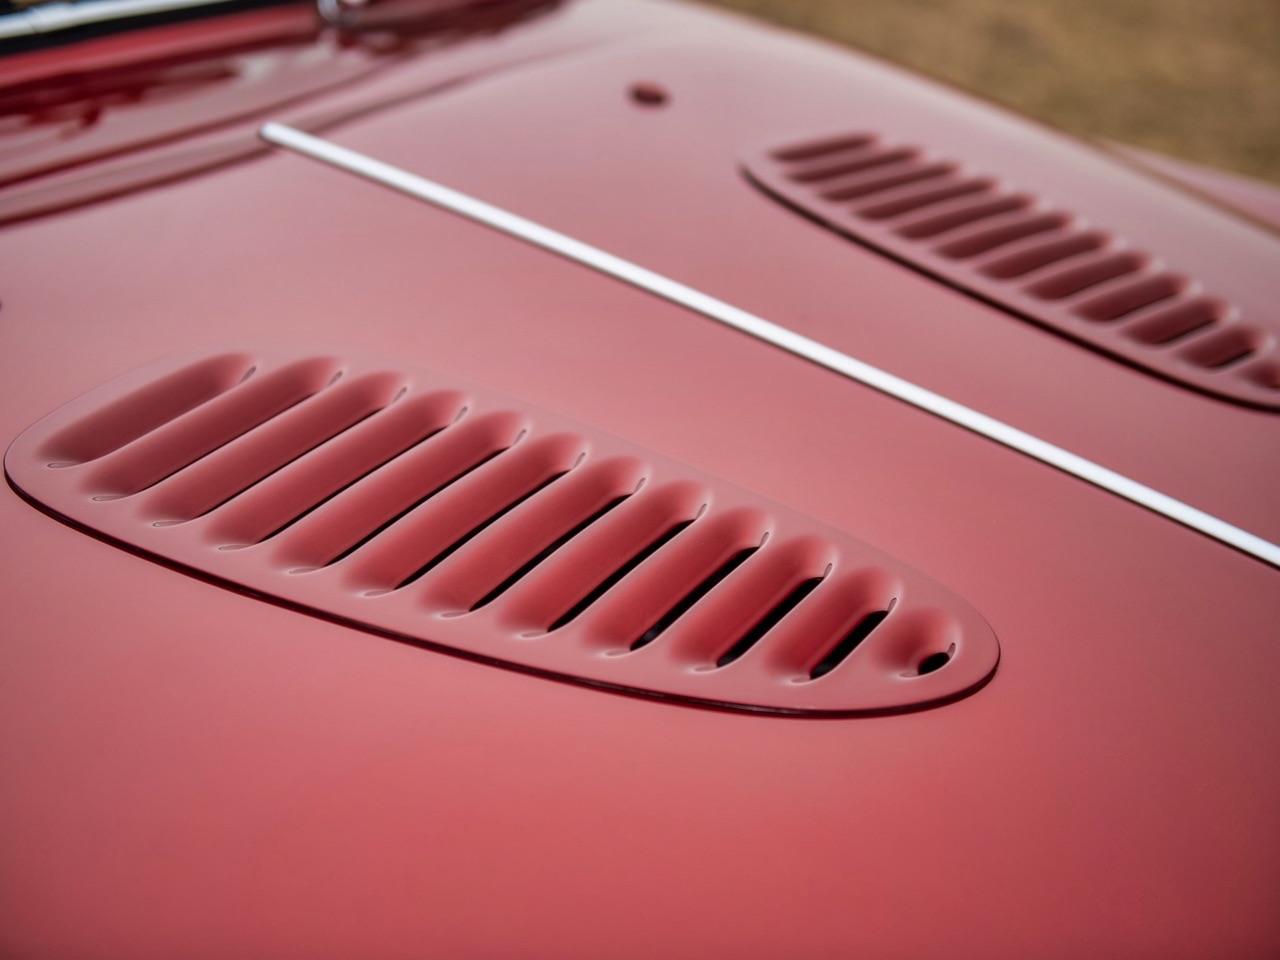 Restomod Jaguar Mk2 3.8... enfin, plutôt Beacham V8 Supercharged ! 8